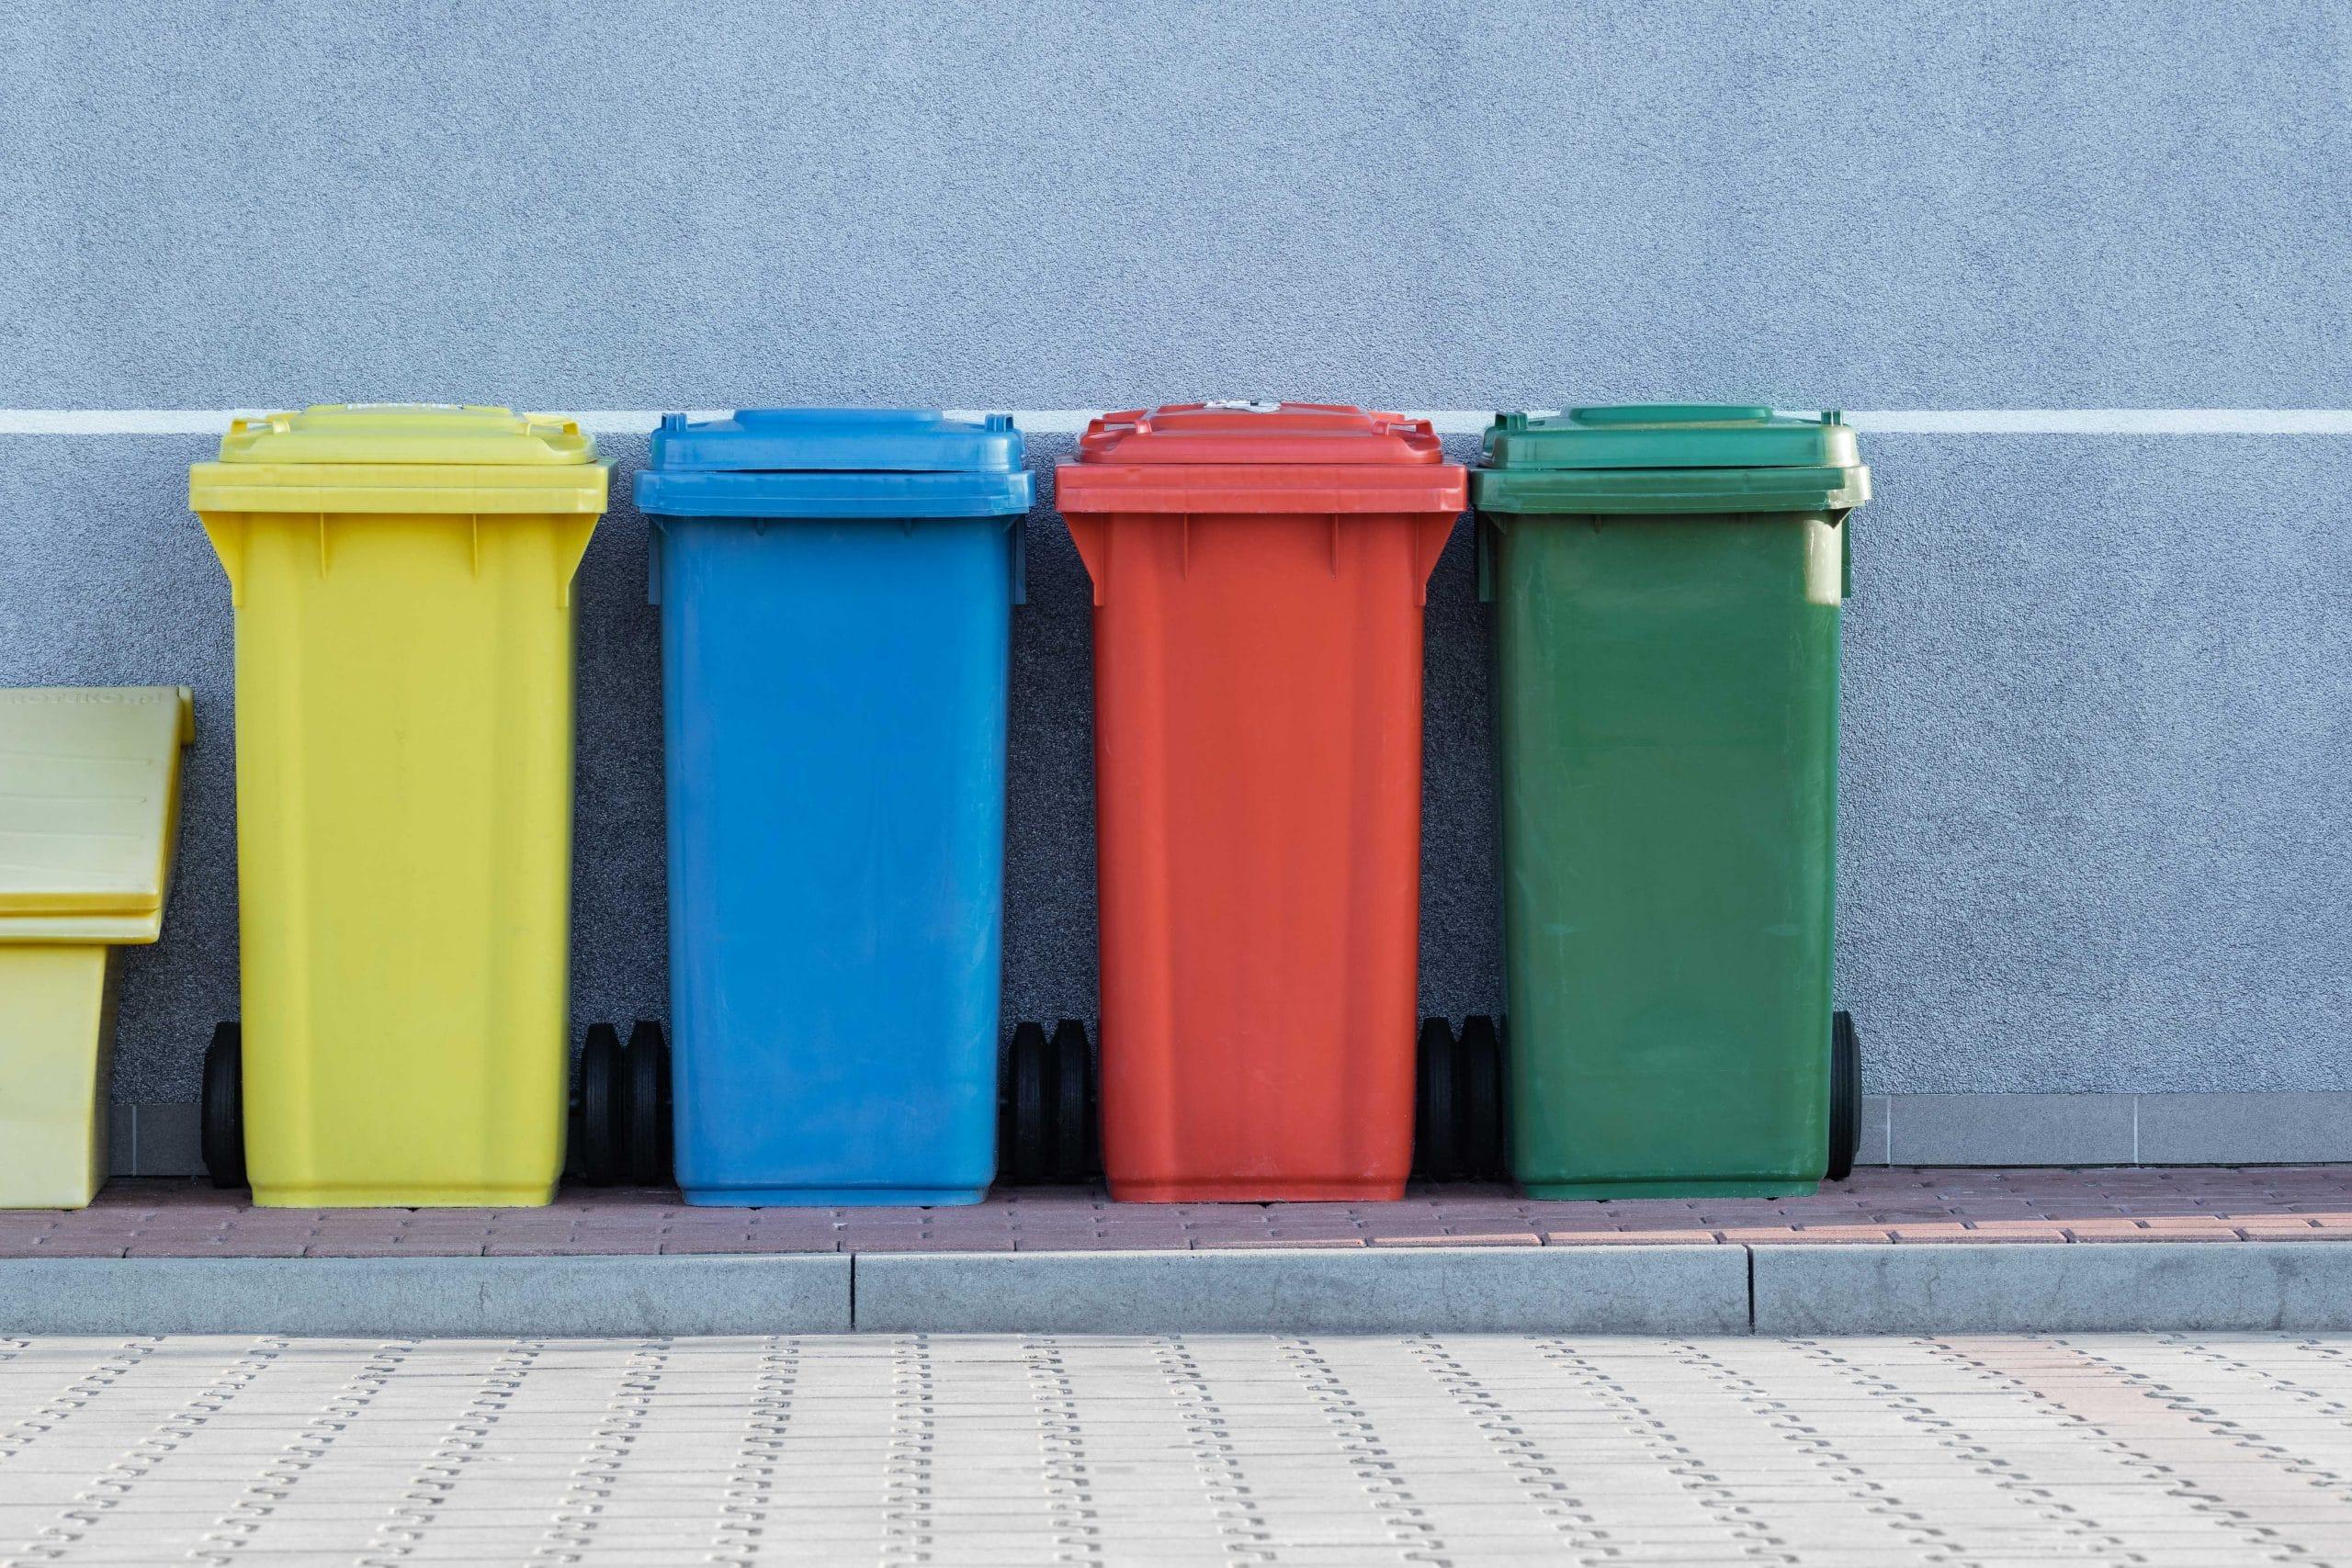 Latas de separação de lixo coloridas